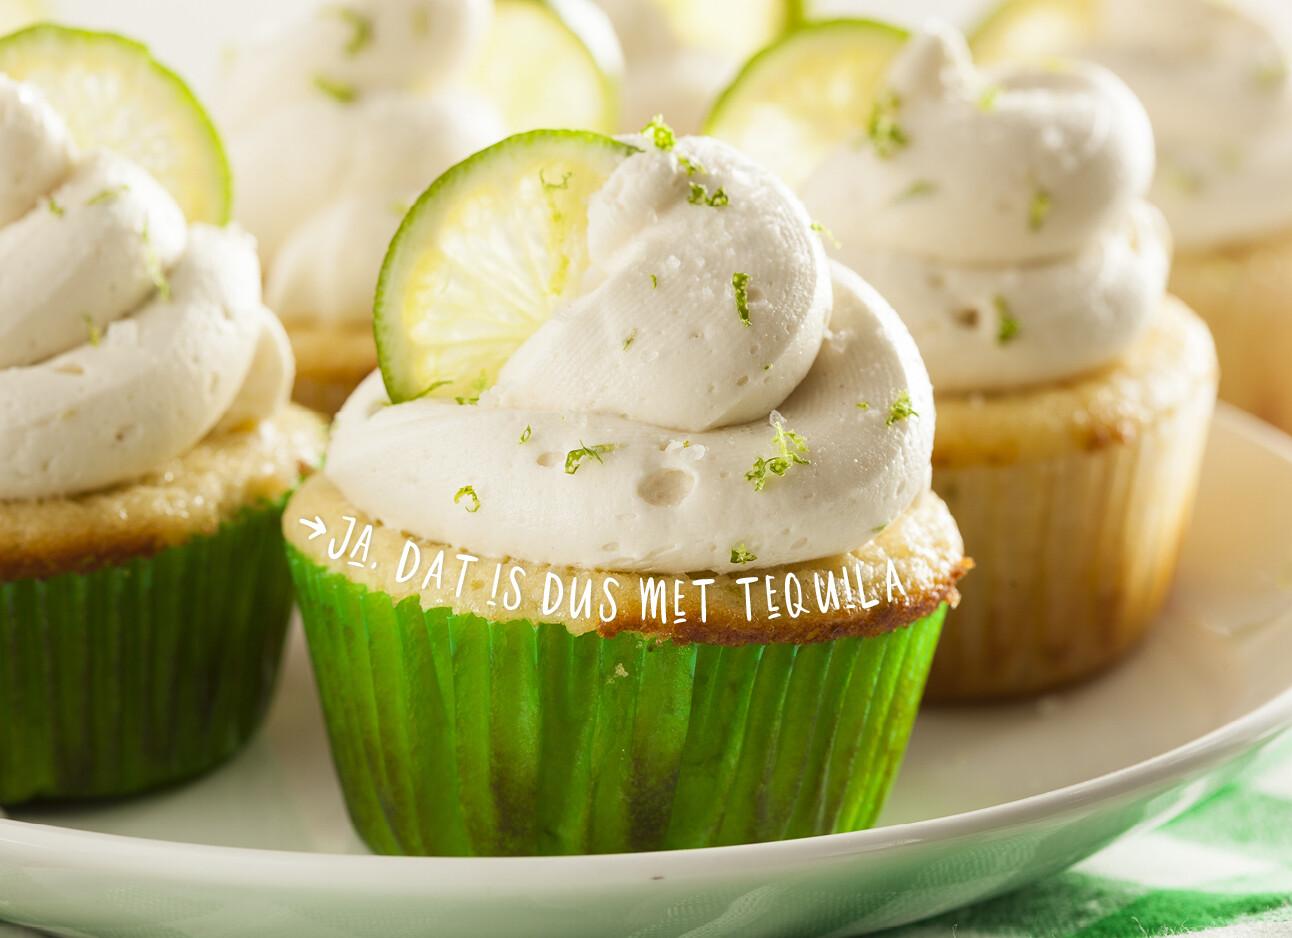 Margarita tequila cupcakes